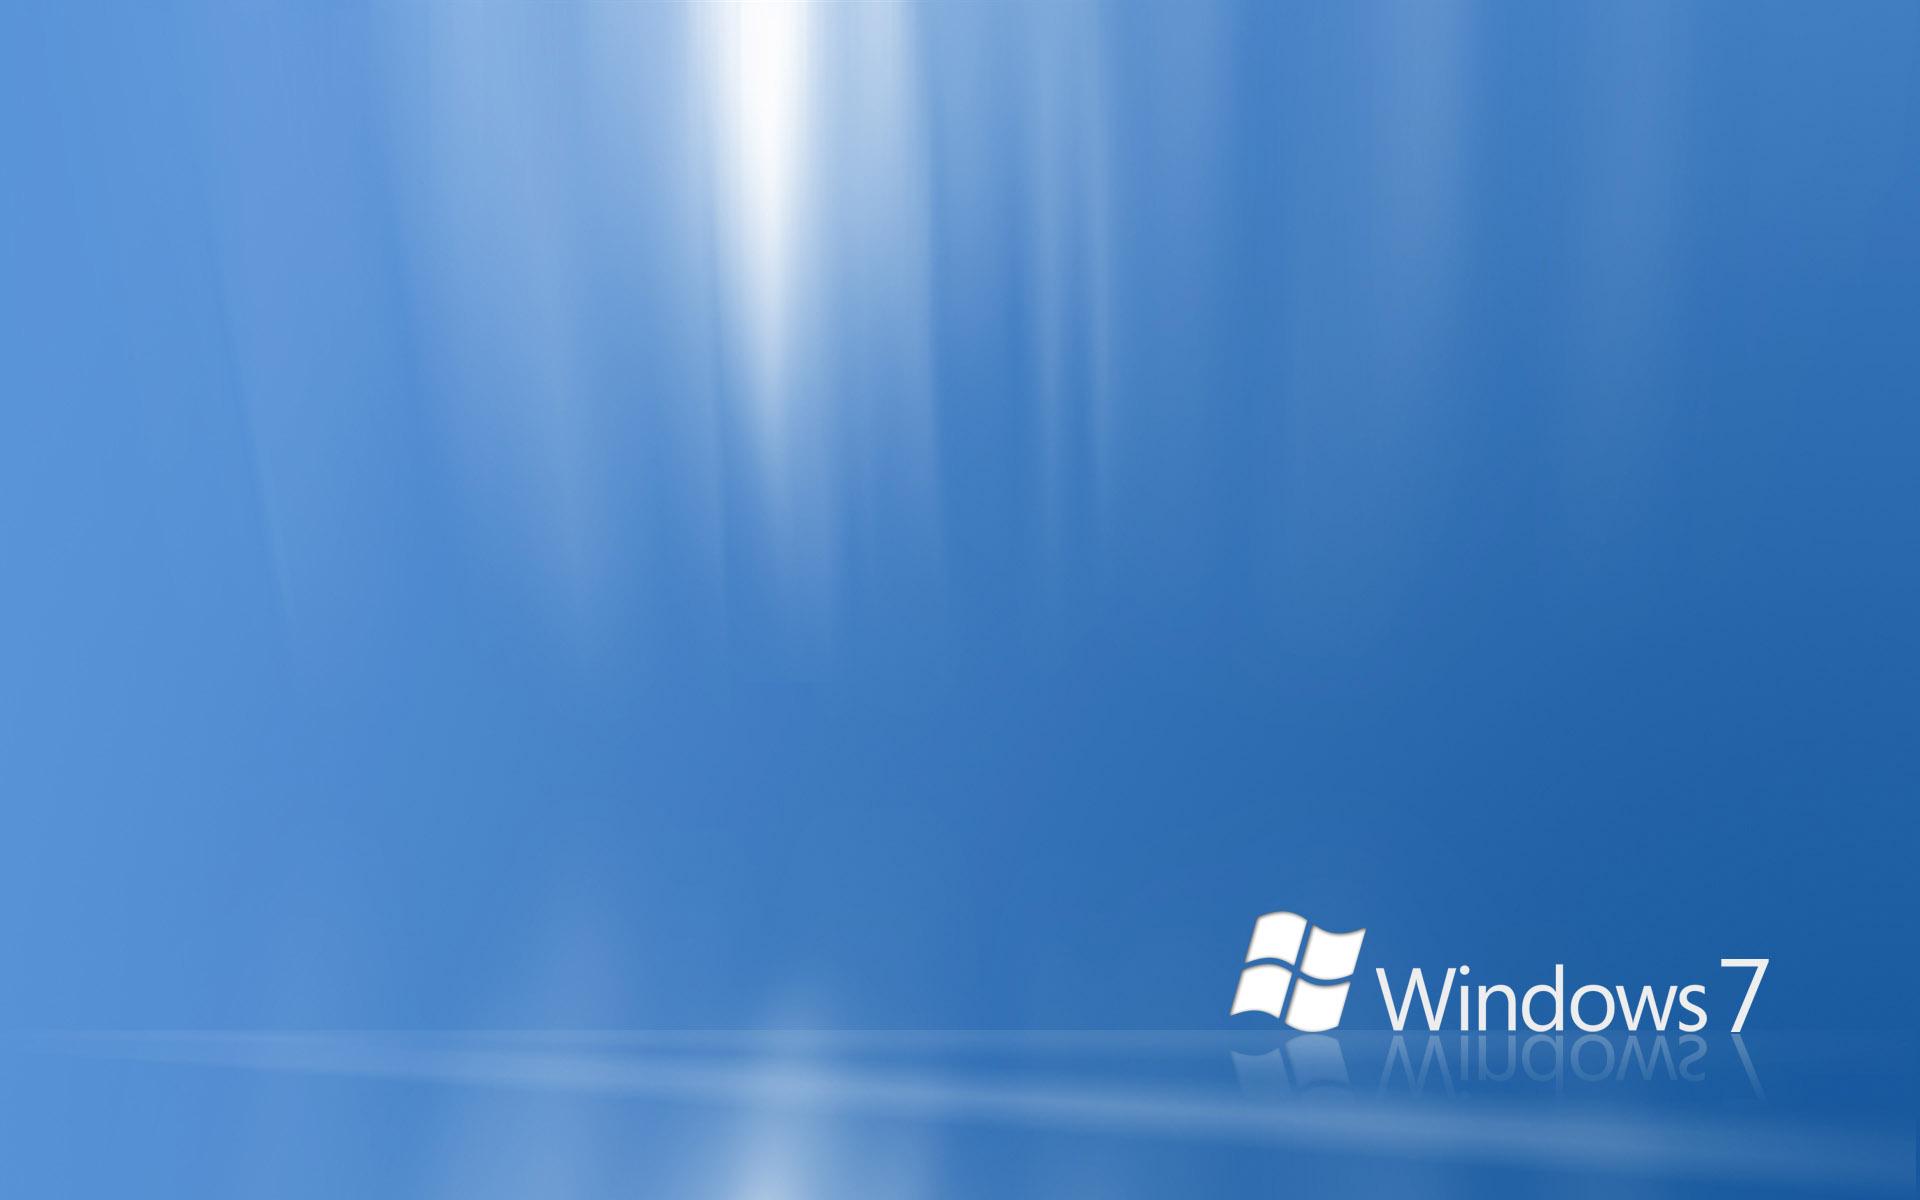 桌面 壁纸 壁纸 windows7 默认 桌面 壁纸 经典 系列